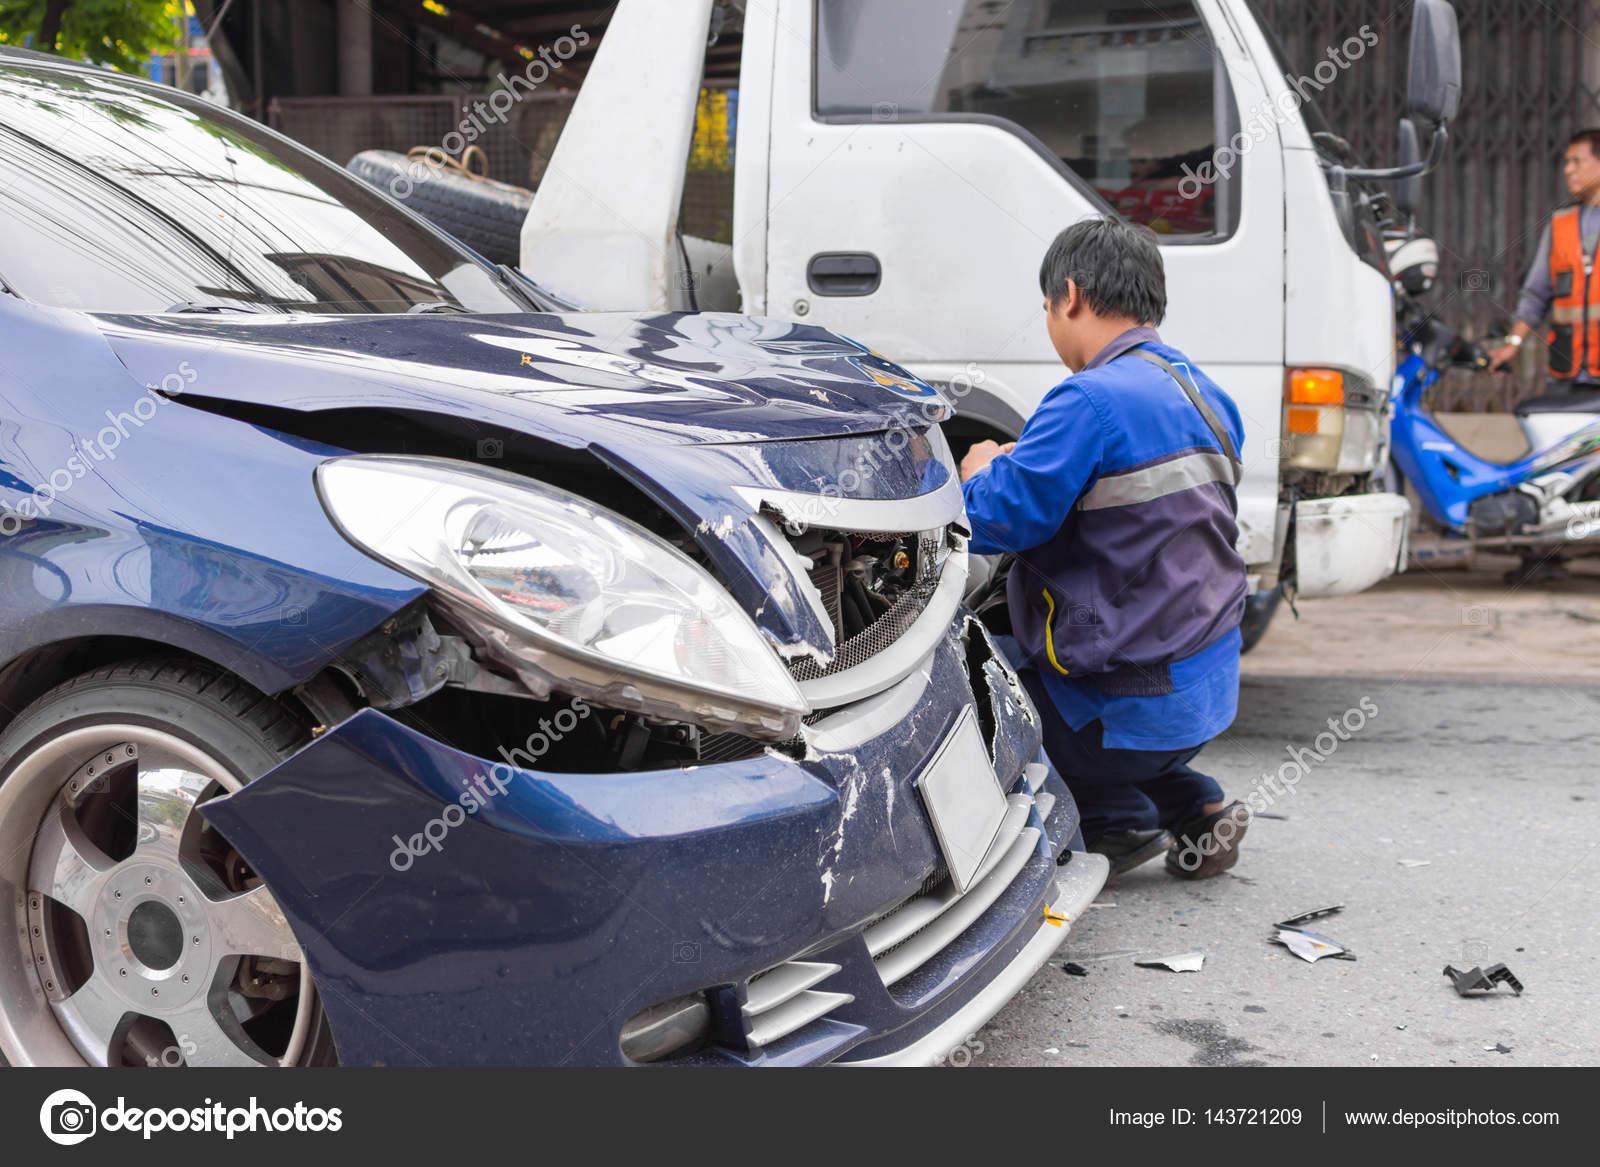 Autounfall von Autounfall auf der Straße — Redaktionelles Stockfoto ...